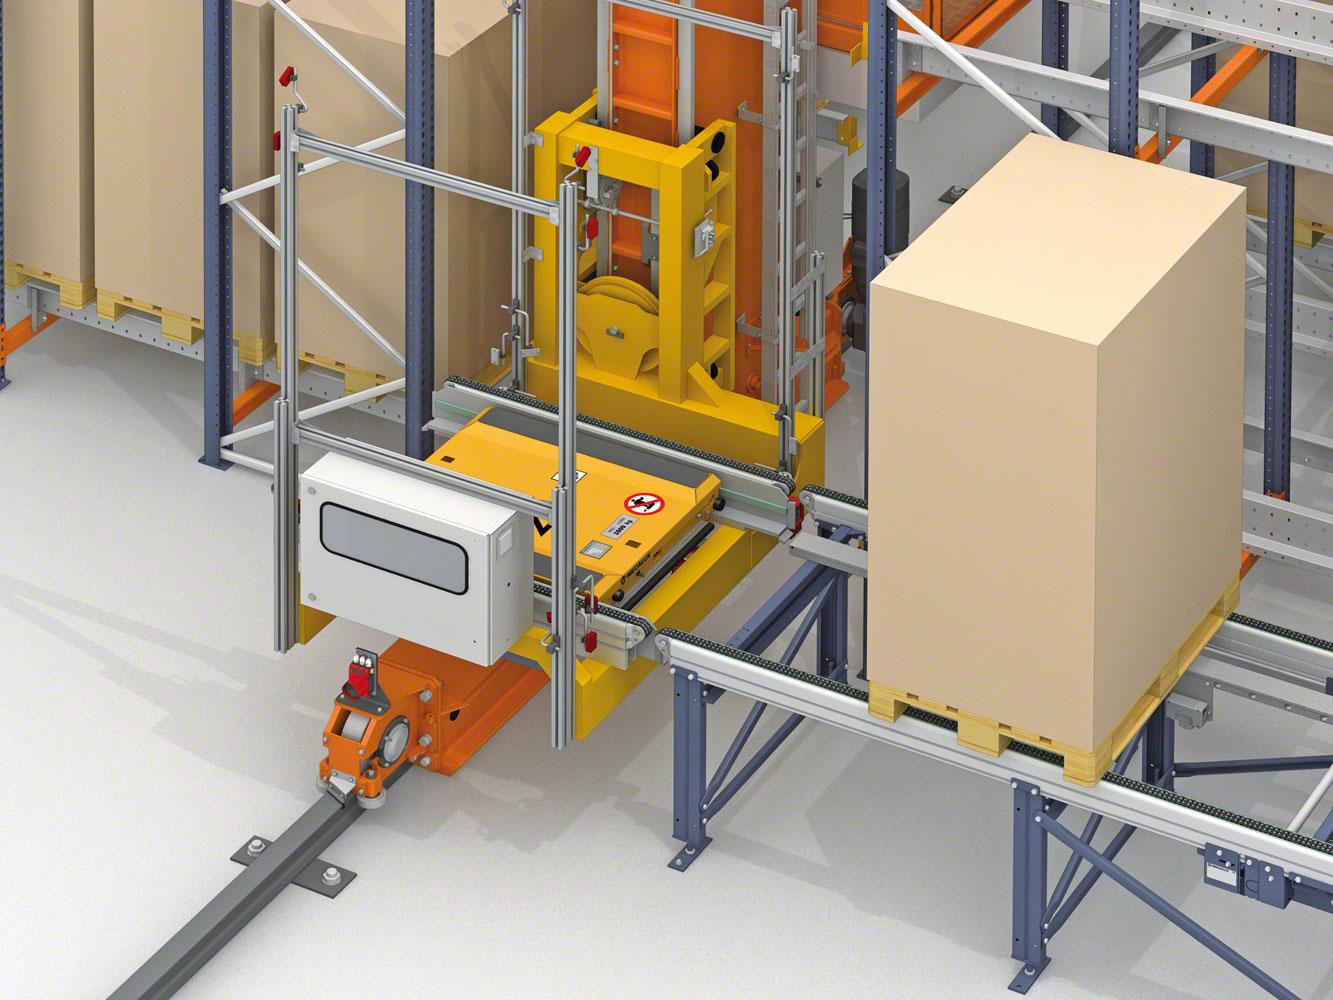 Mecalux zal de twee nieuwe magazijnen van Lanxess in Duitsland inrichten